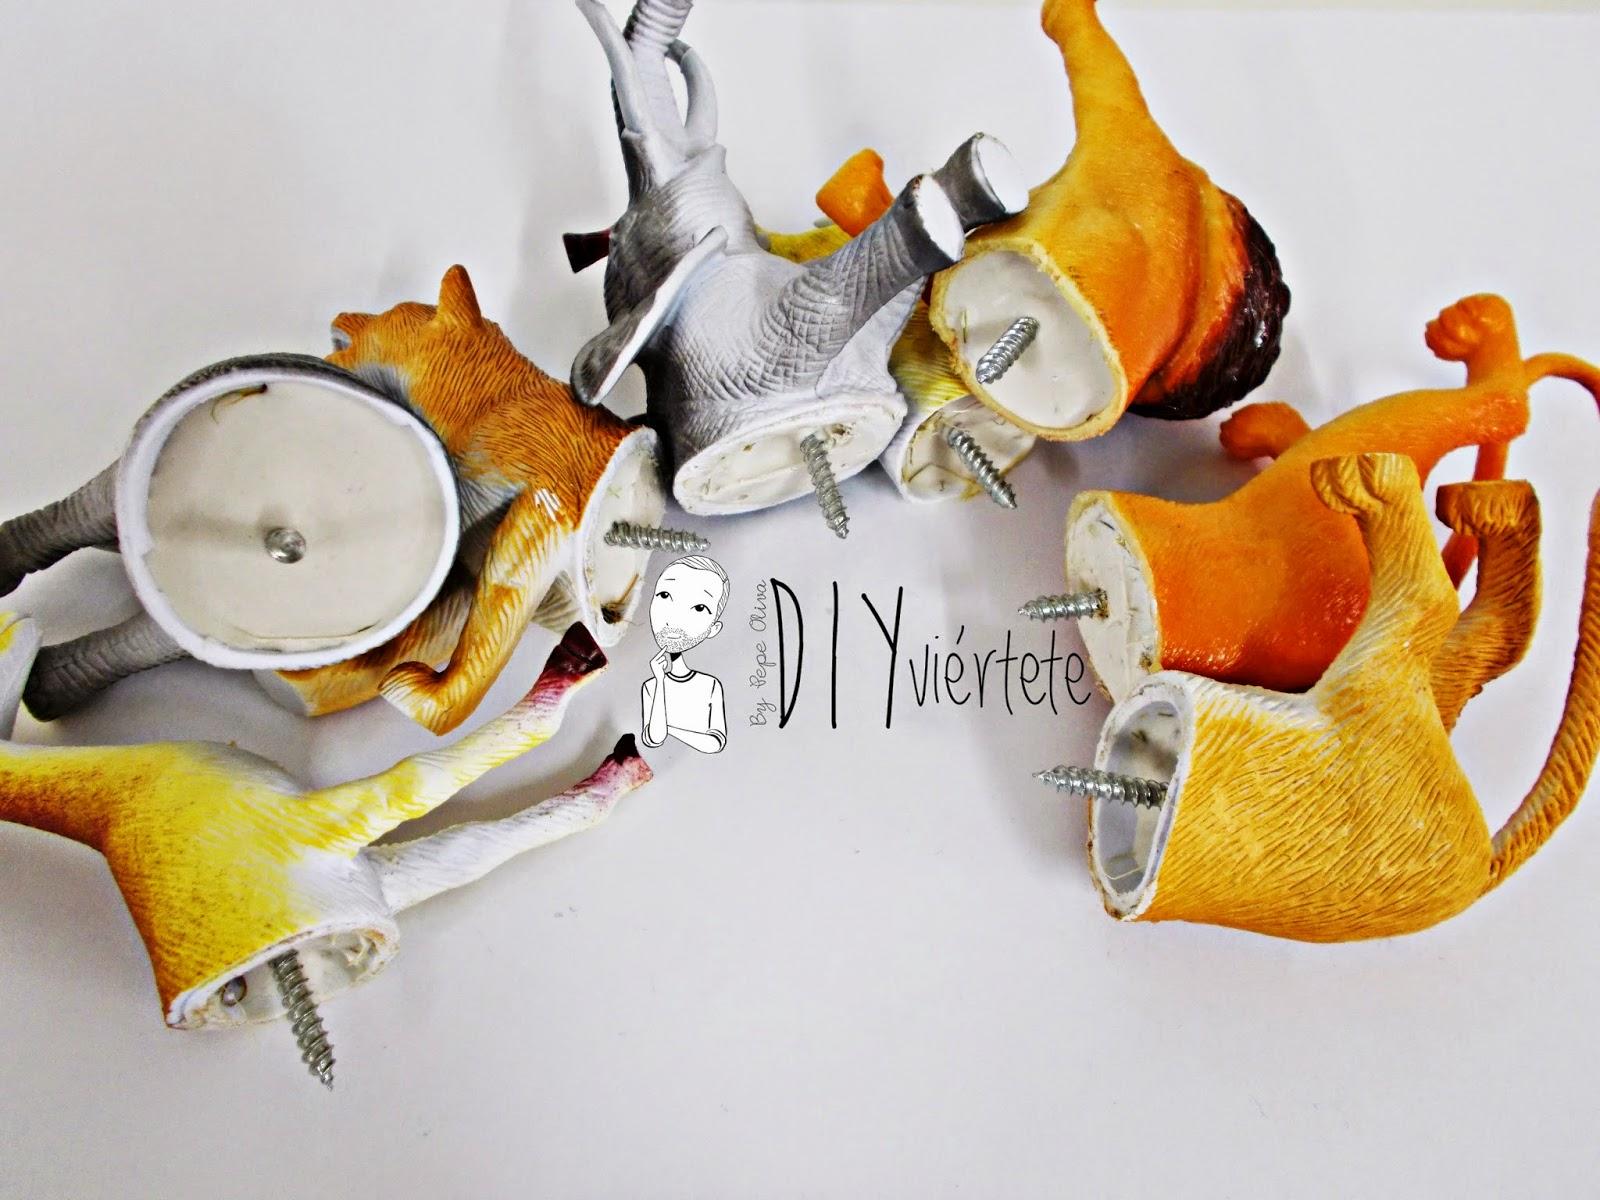 DIY-perchero-reciclaje-animales de plástico-juguetes-spray dorado-6